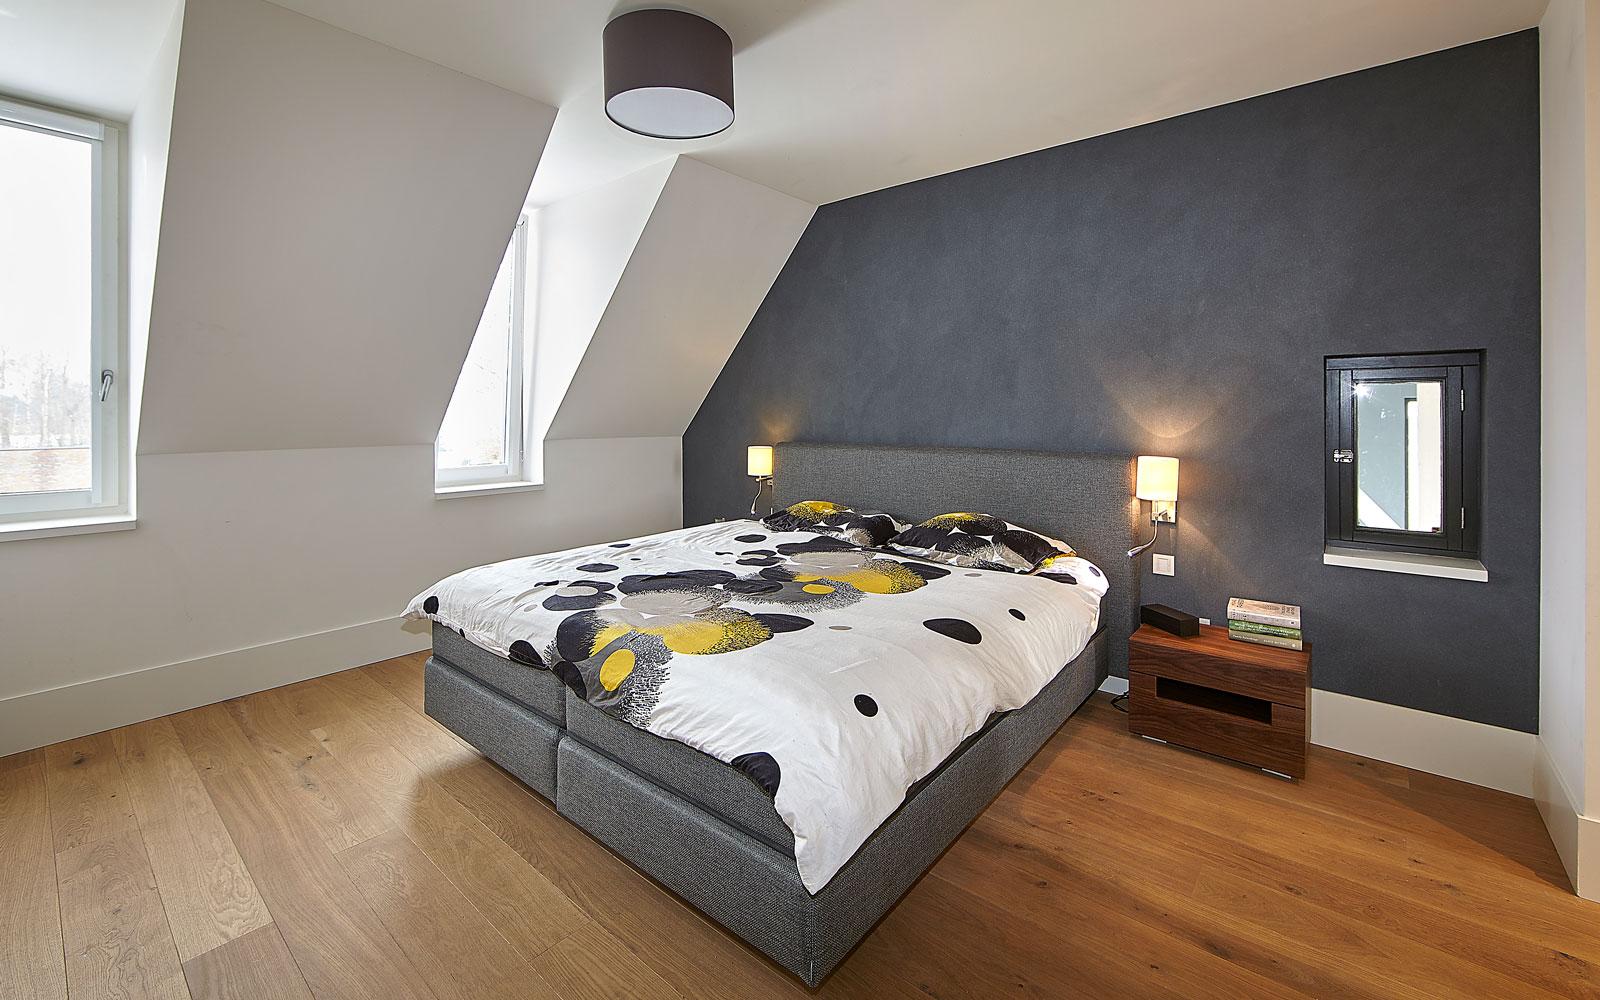 Slaapkamer, master bedroom, houten vloer, sfeervol, schuine wand, droomvilla, Marco Daverveld